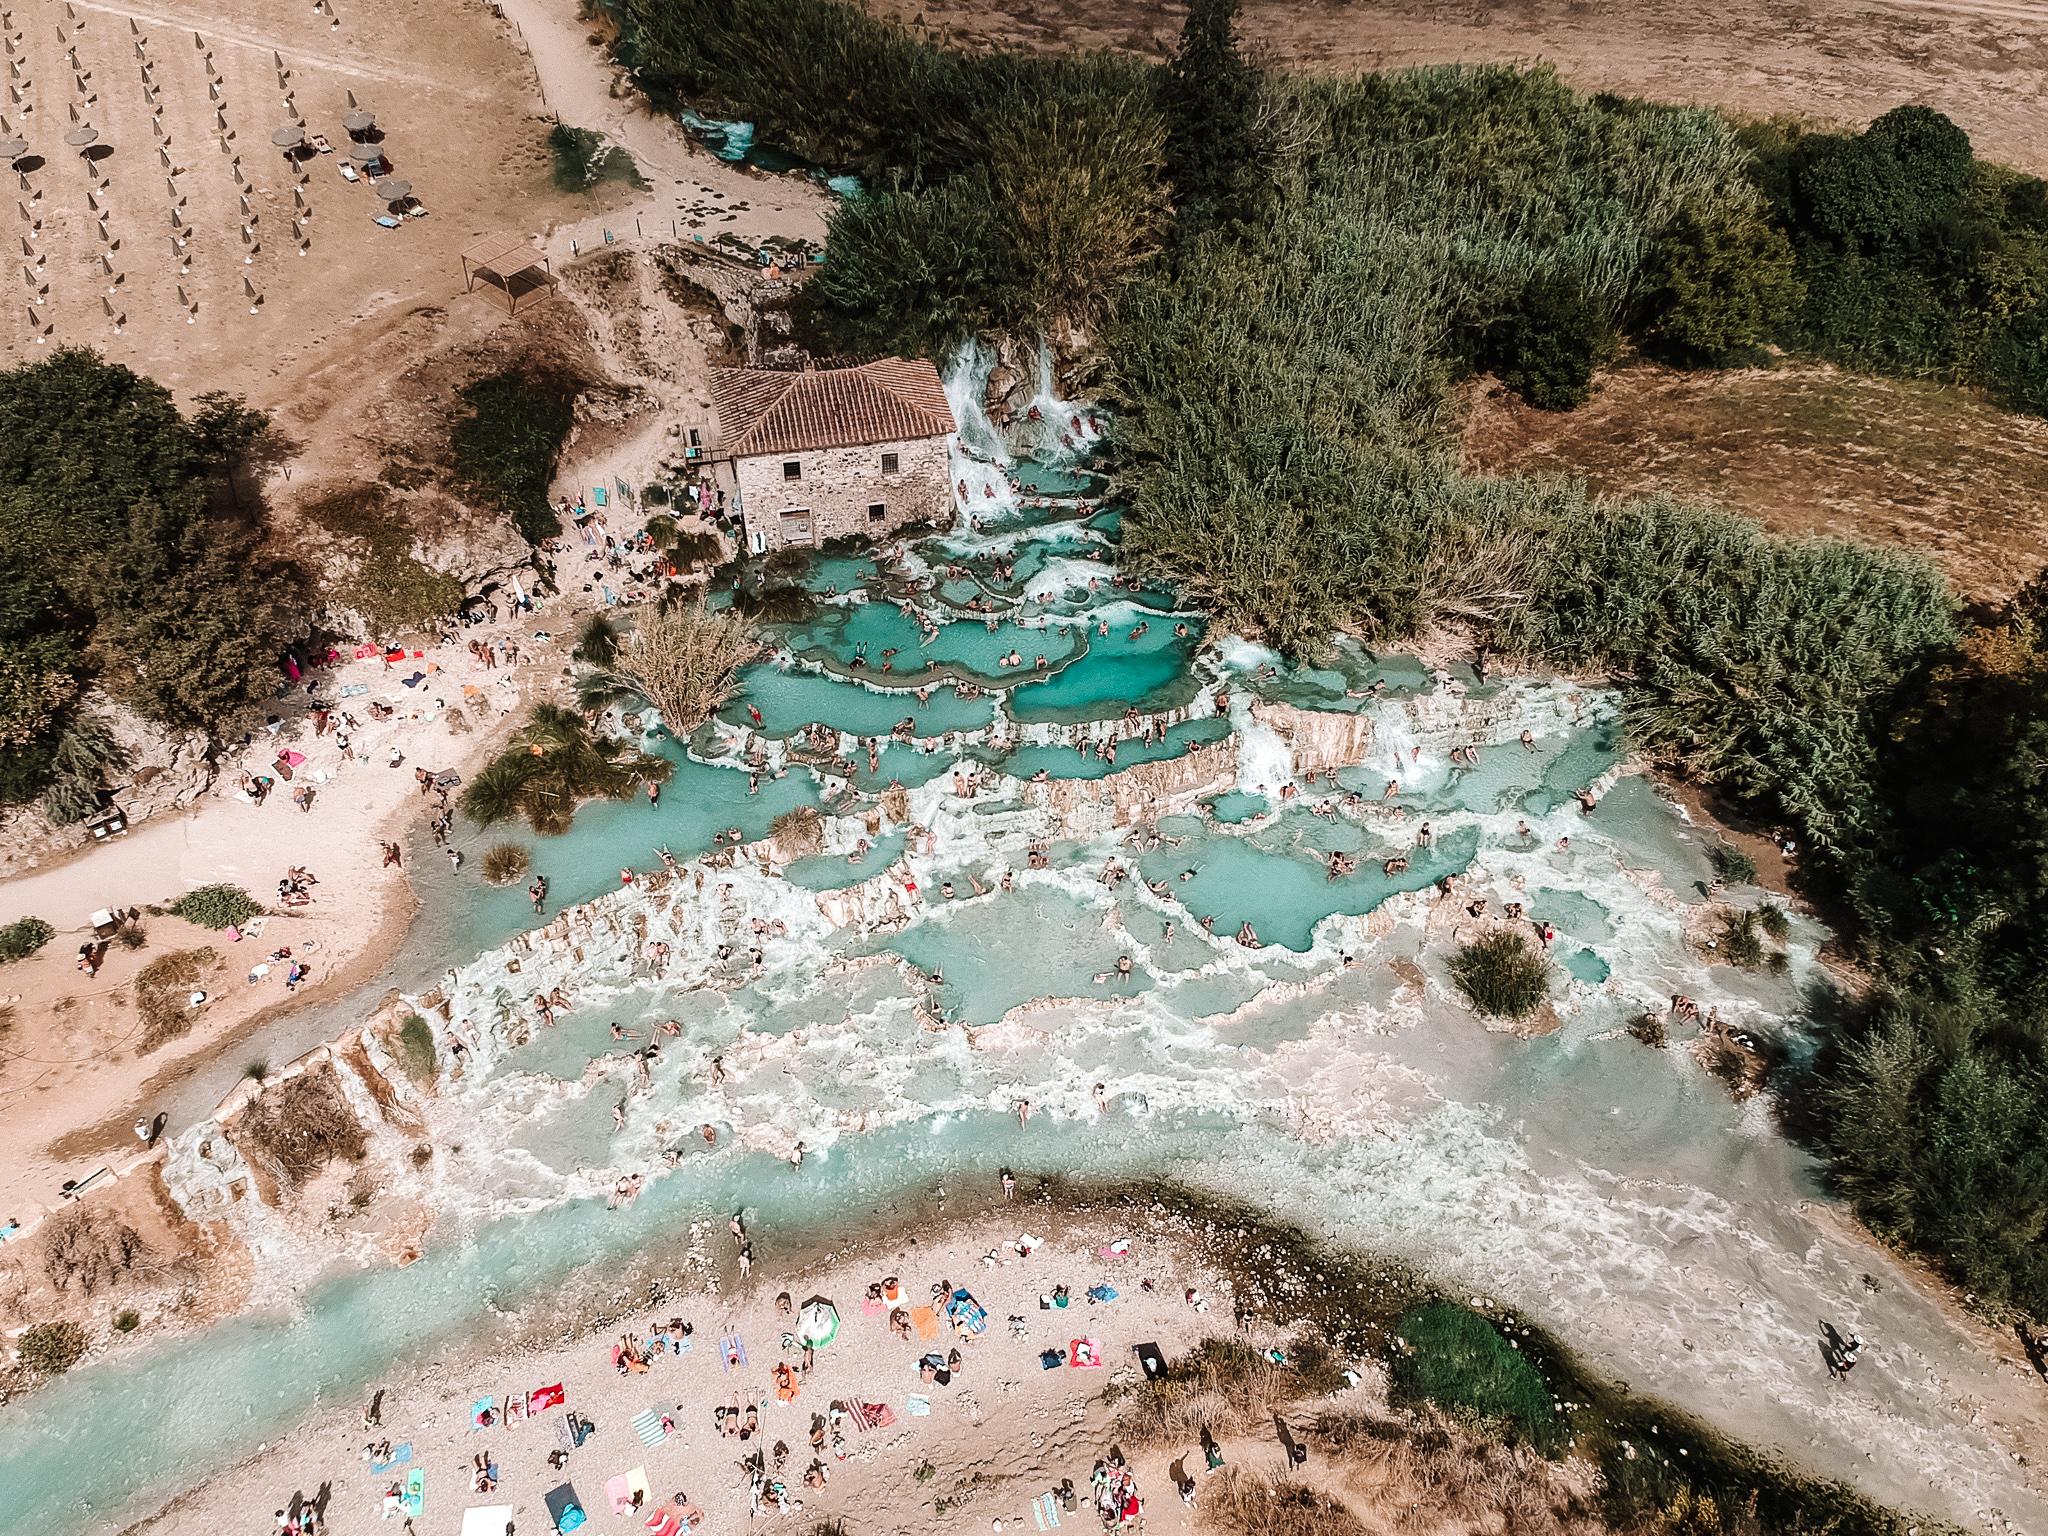 Toskania – 3 dni w krainie cyprysów. Główne atrakcje i praktyczne porady